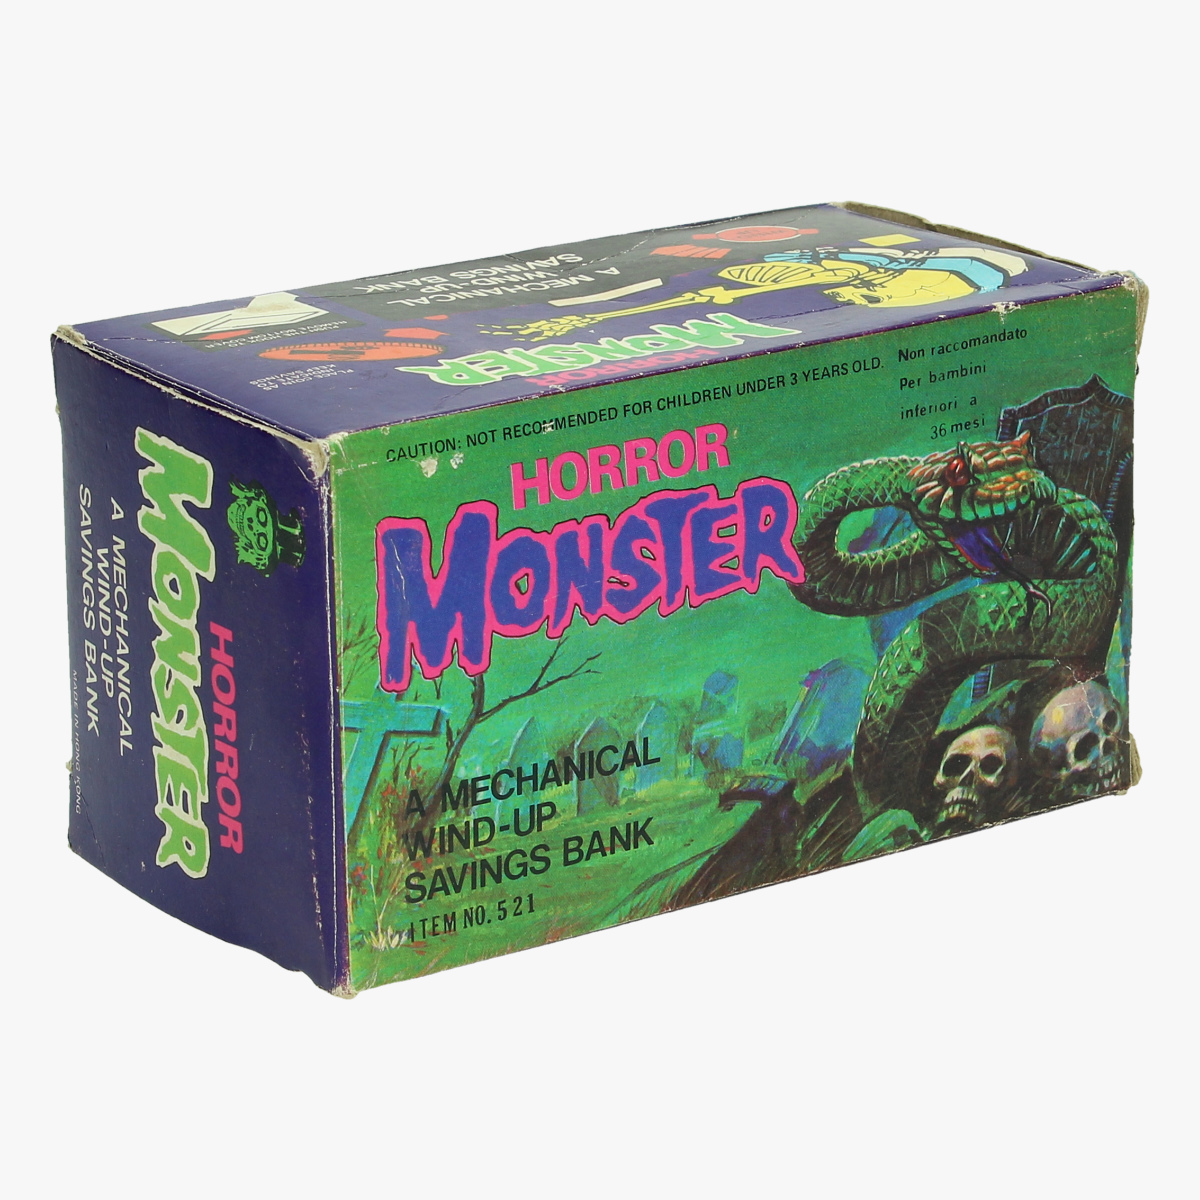 Afbeeldingen van spaarpot horror monster